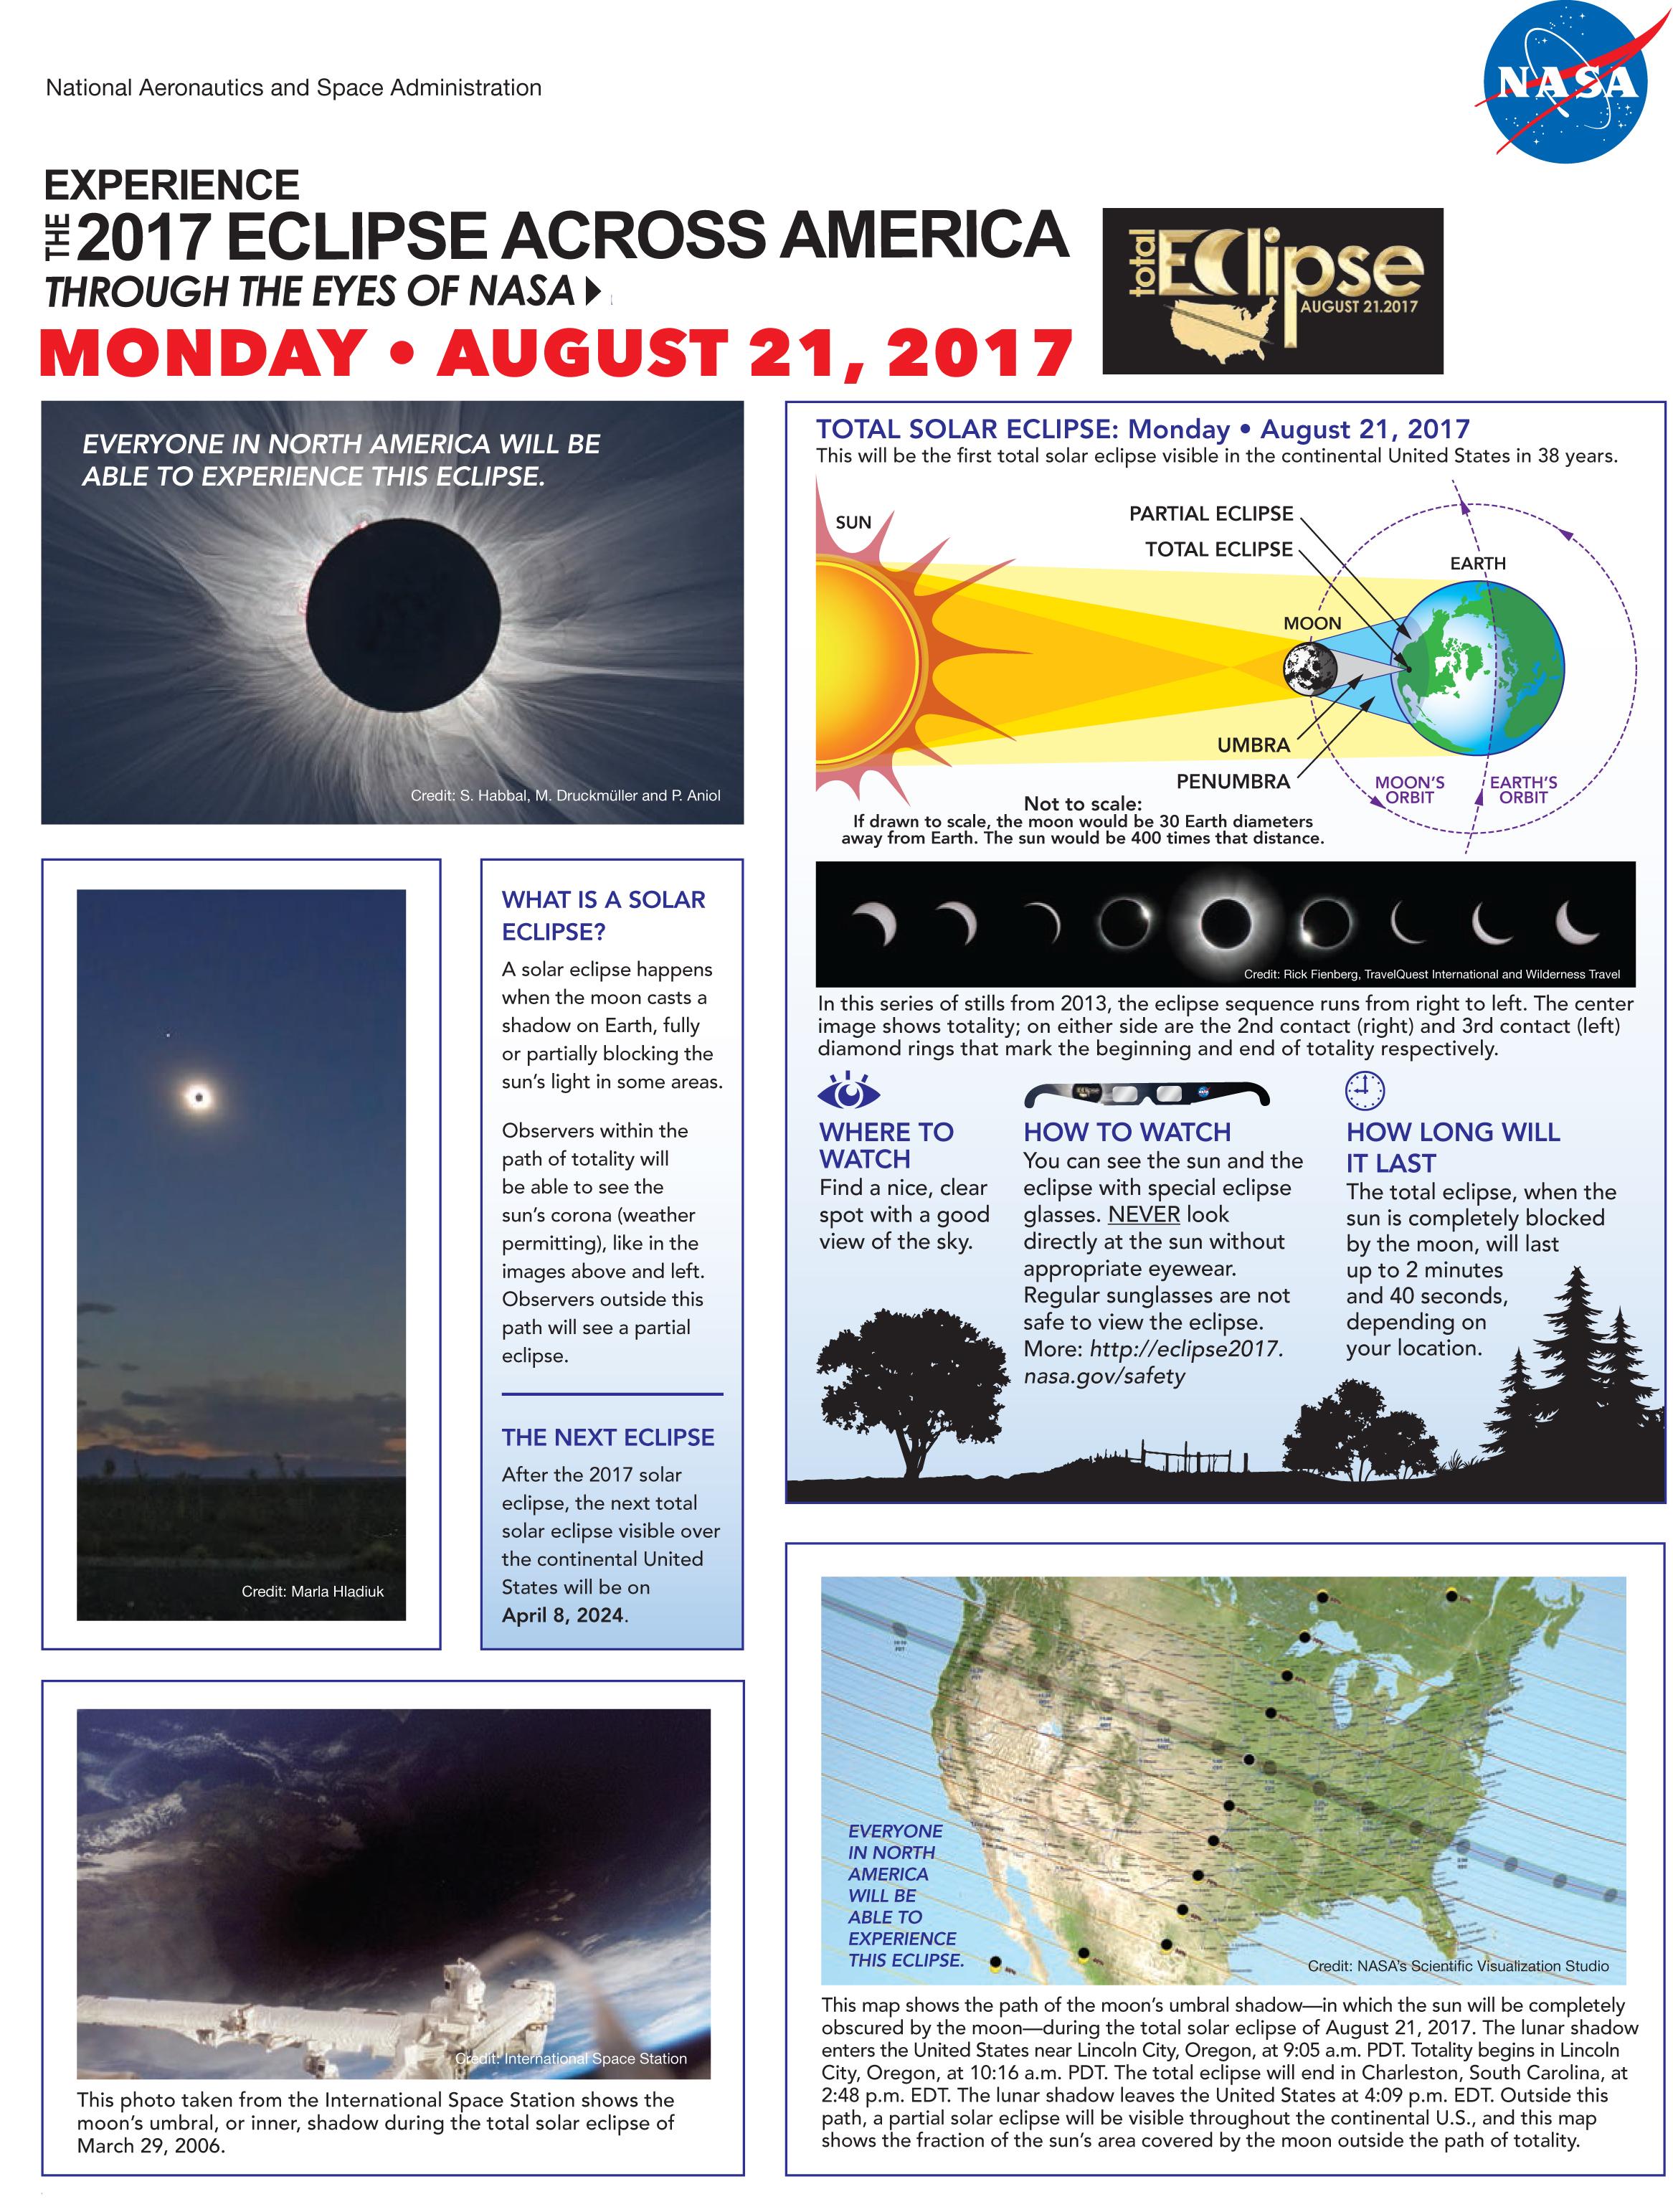 2017EclipseAcrossAmericaFlyer_508-1B copy